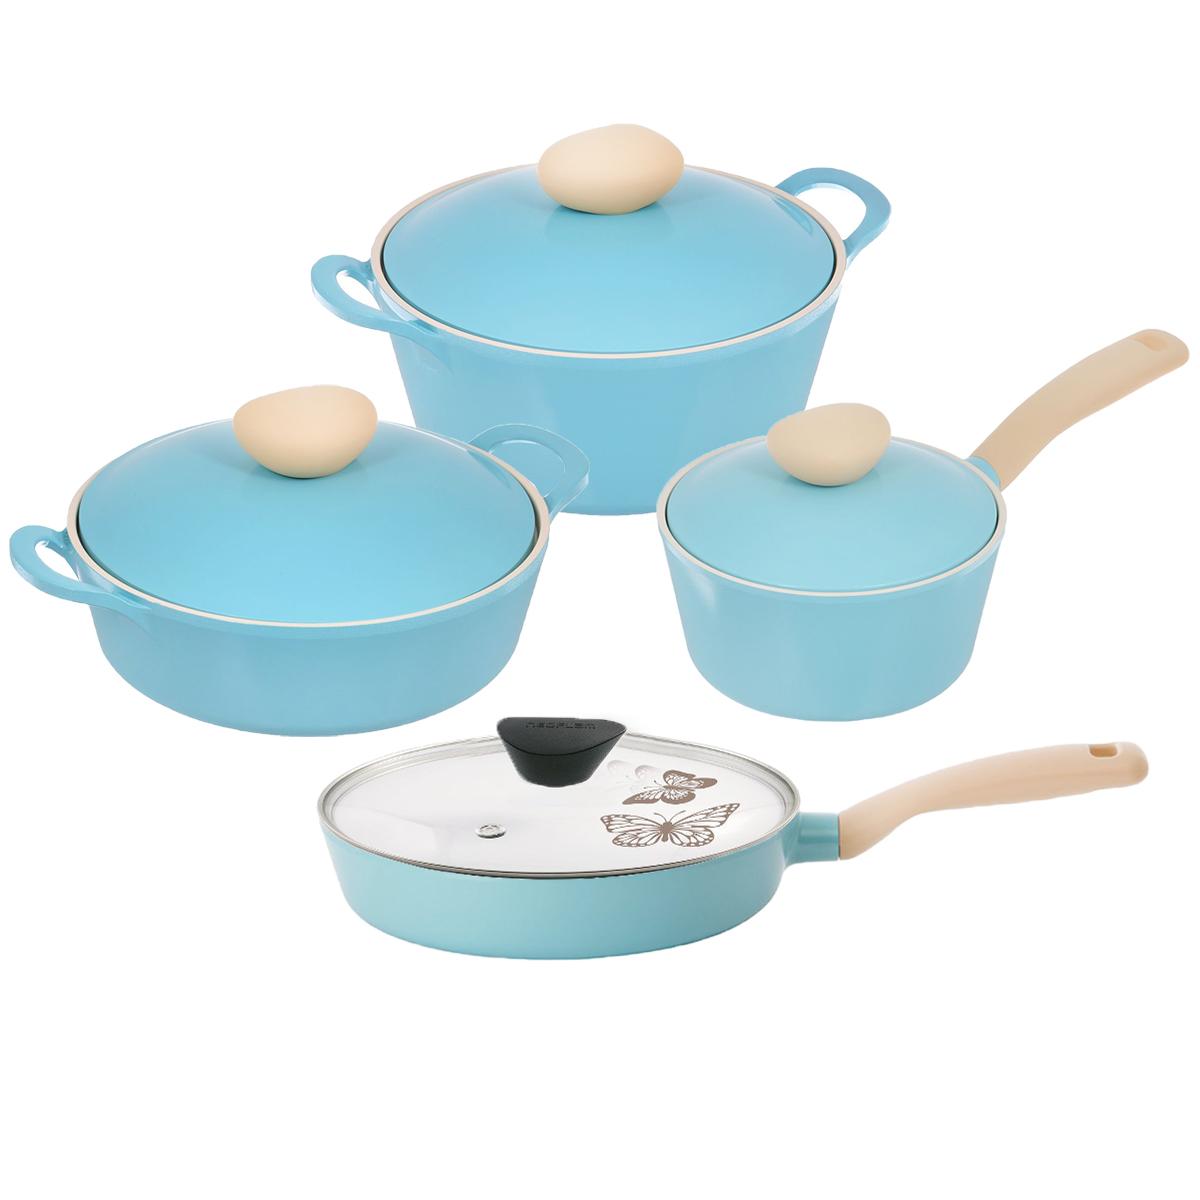 """Набор посуды Frybest """"Round"""", с керамическим покрытием, цвет: голубой, 8 предметов ROUND-N22-B"""